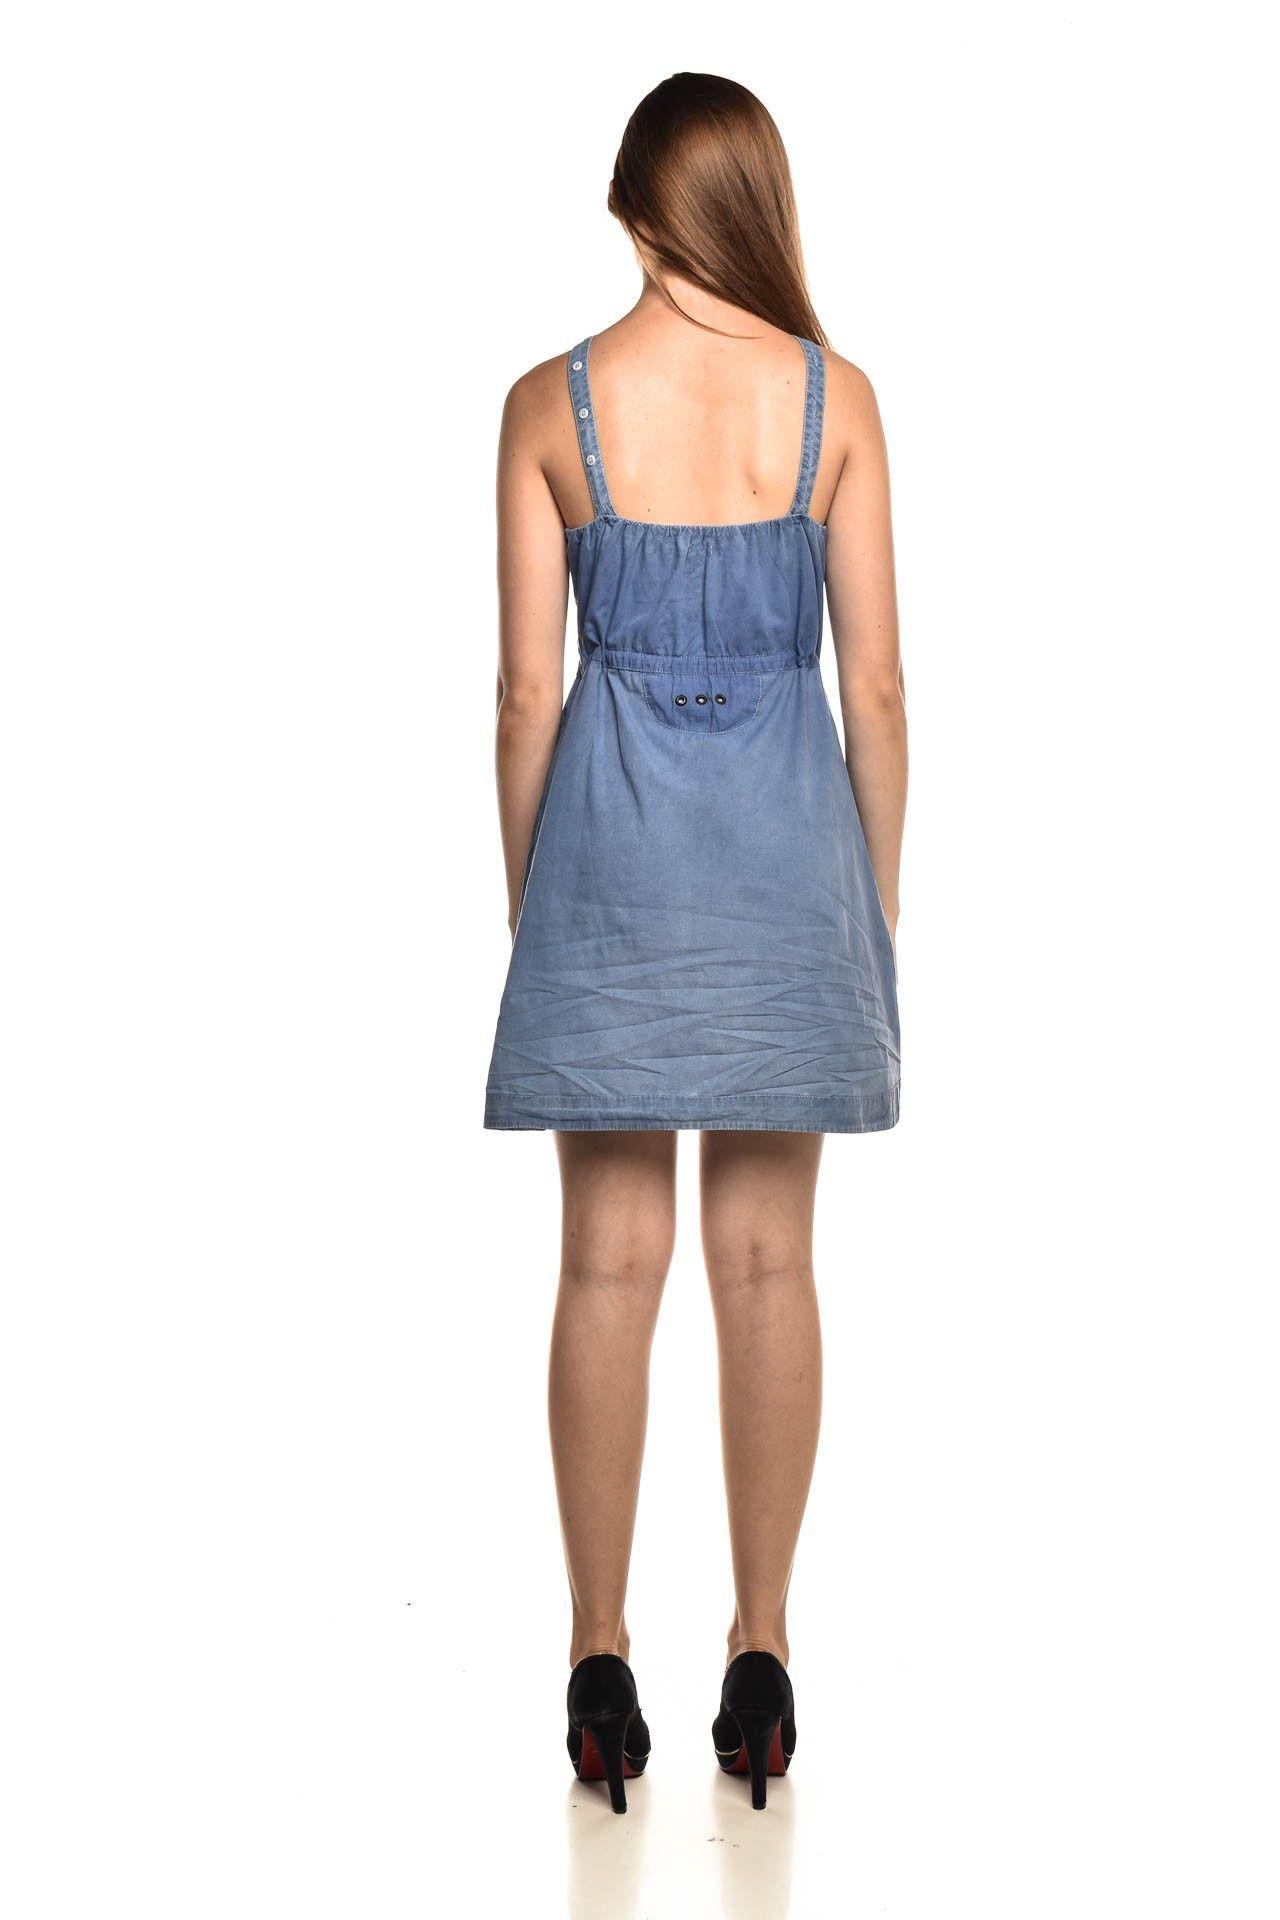 Osklen - Vestido Jeans Azul - Foto 4